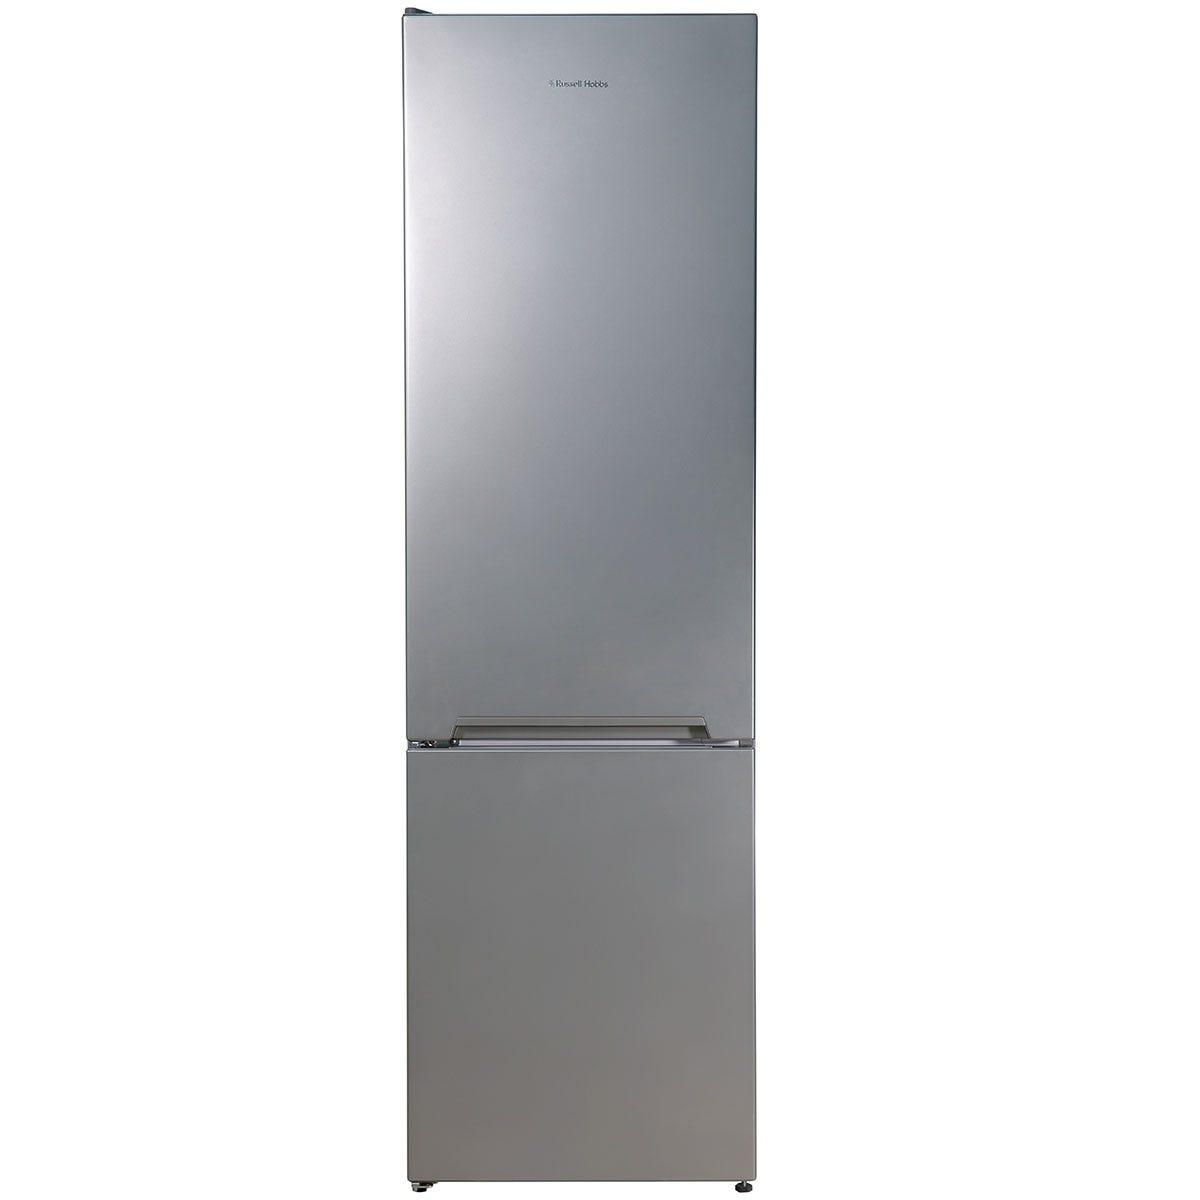 Russell Hobbs RH180FFFF55S 279L 70/30 Frost Free Fridge Freezer - Stainless Steel